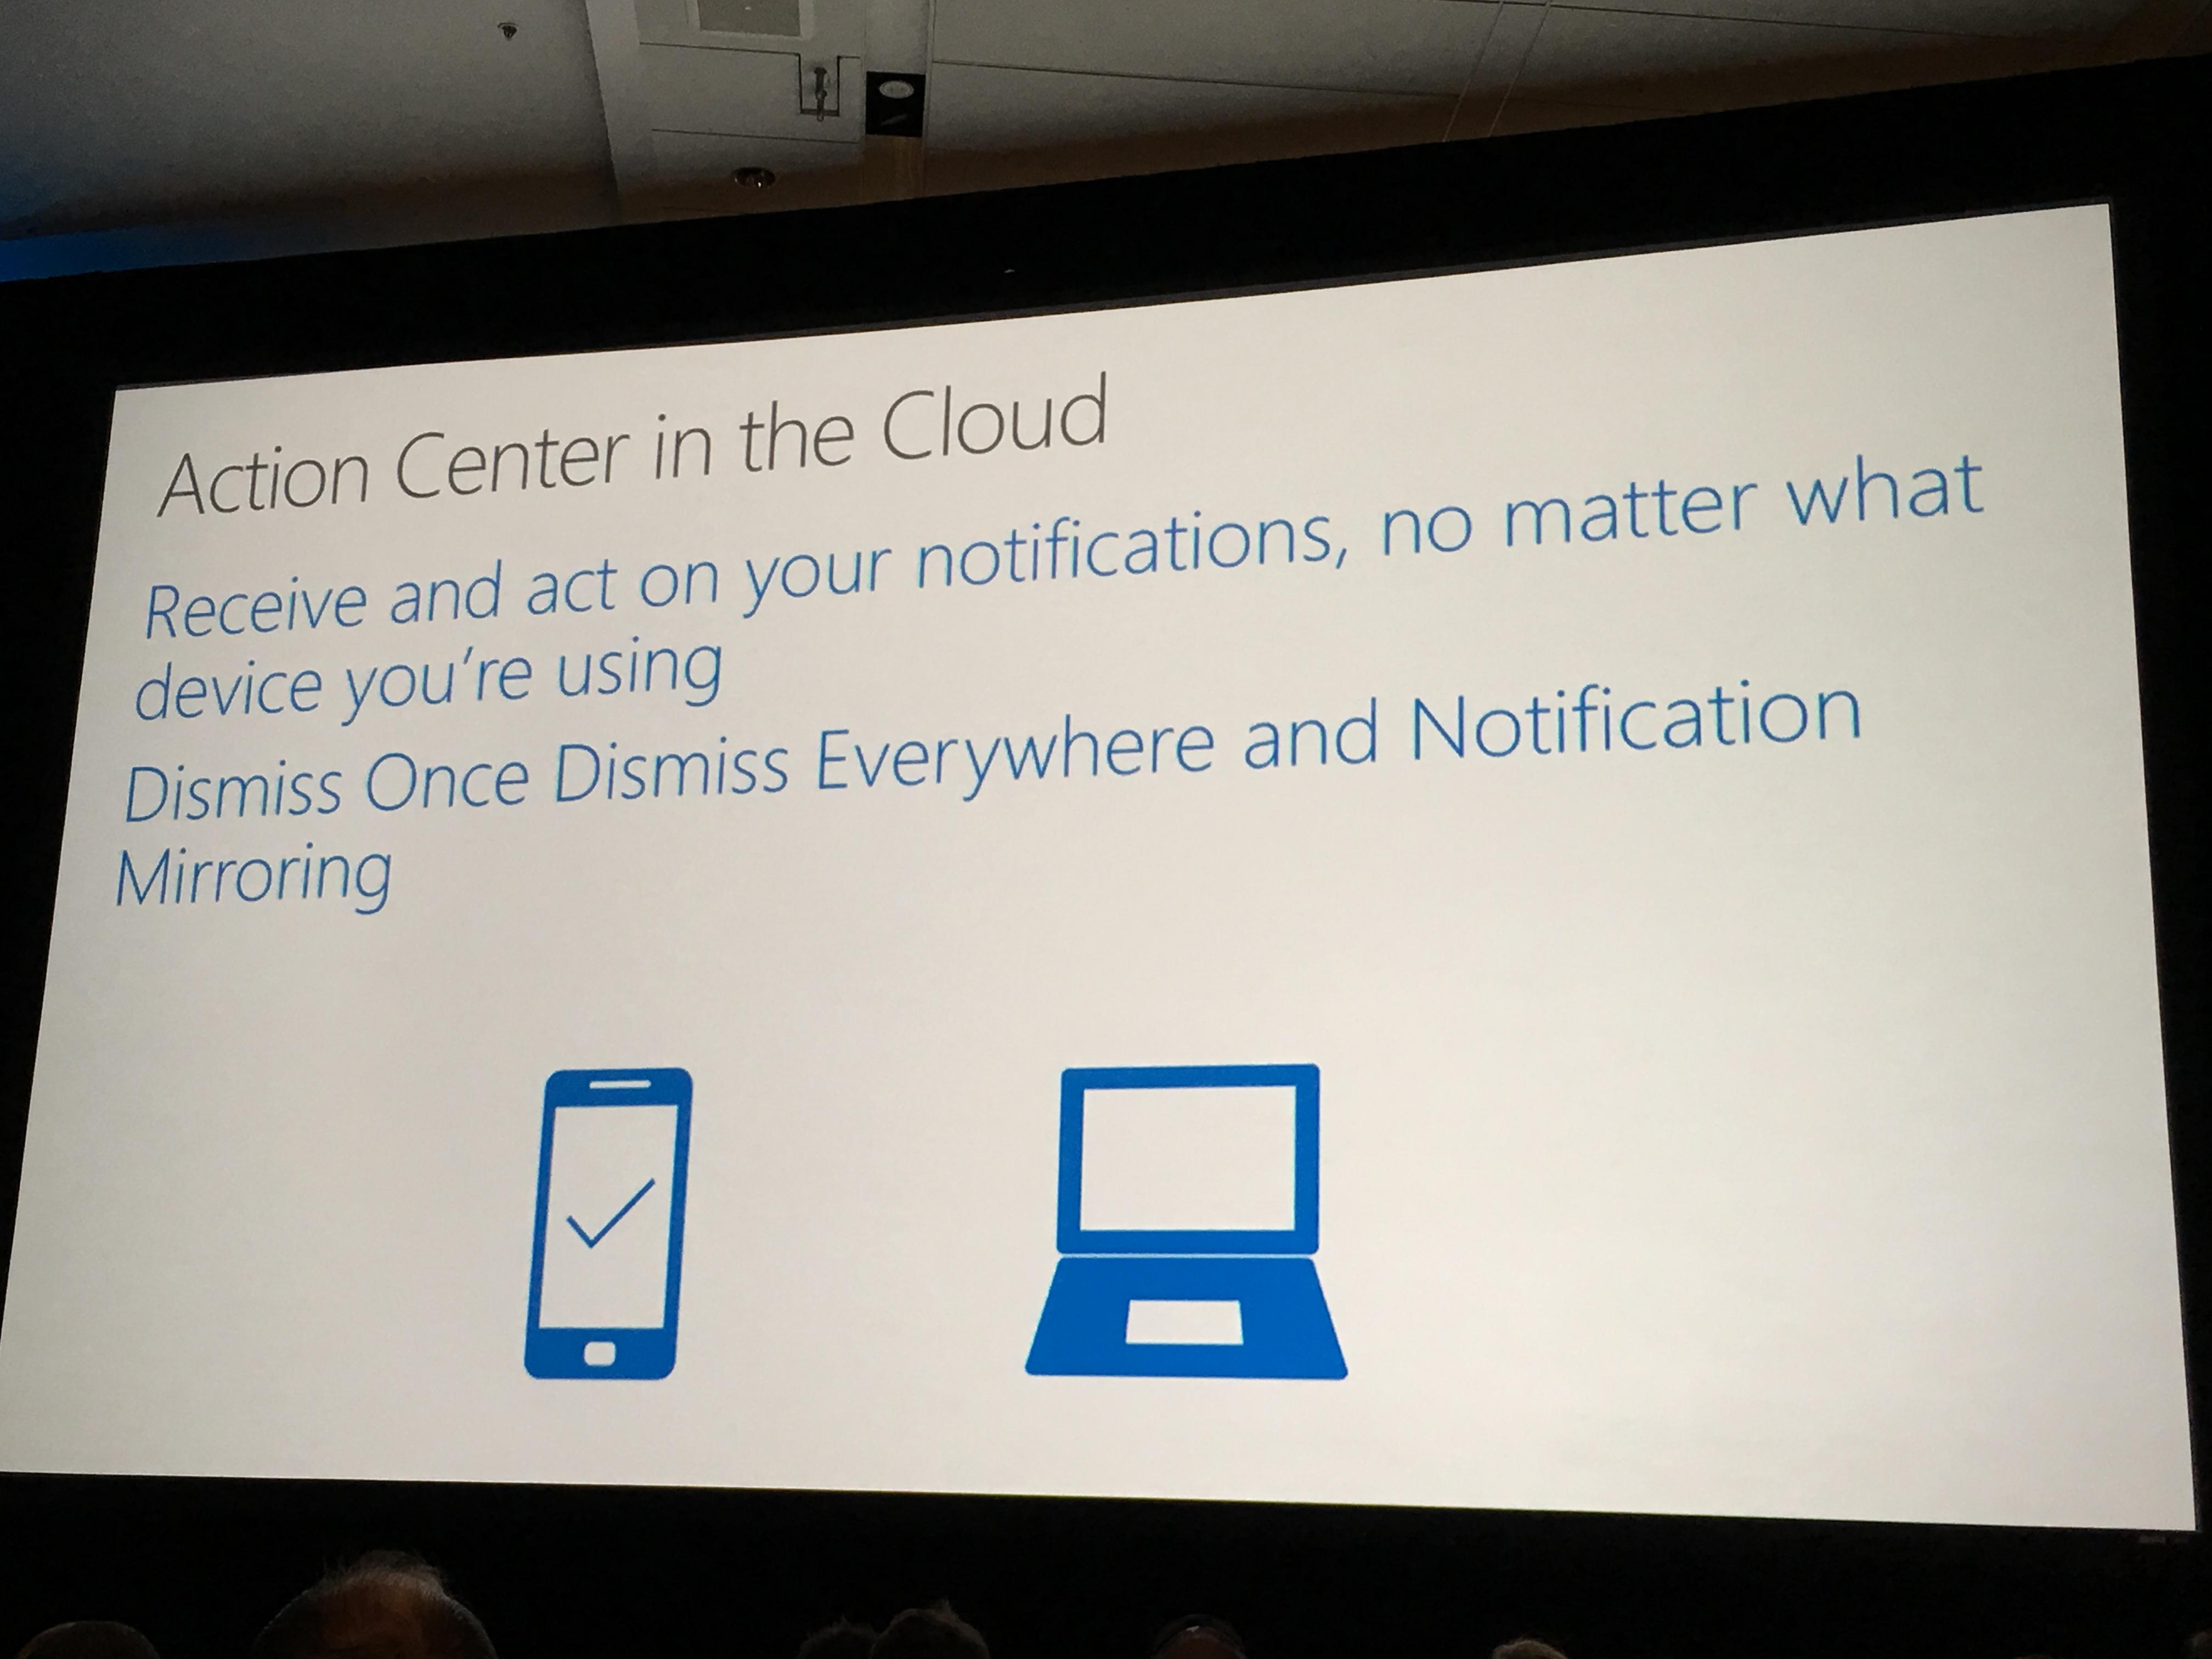 Endelig synkroniseres alle varsler mot skyen, slik at man slipper å slette varsler manuelt på alle dingsene med Windows 10.